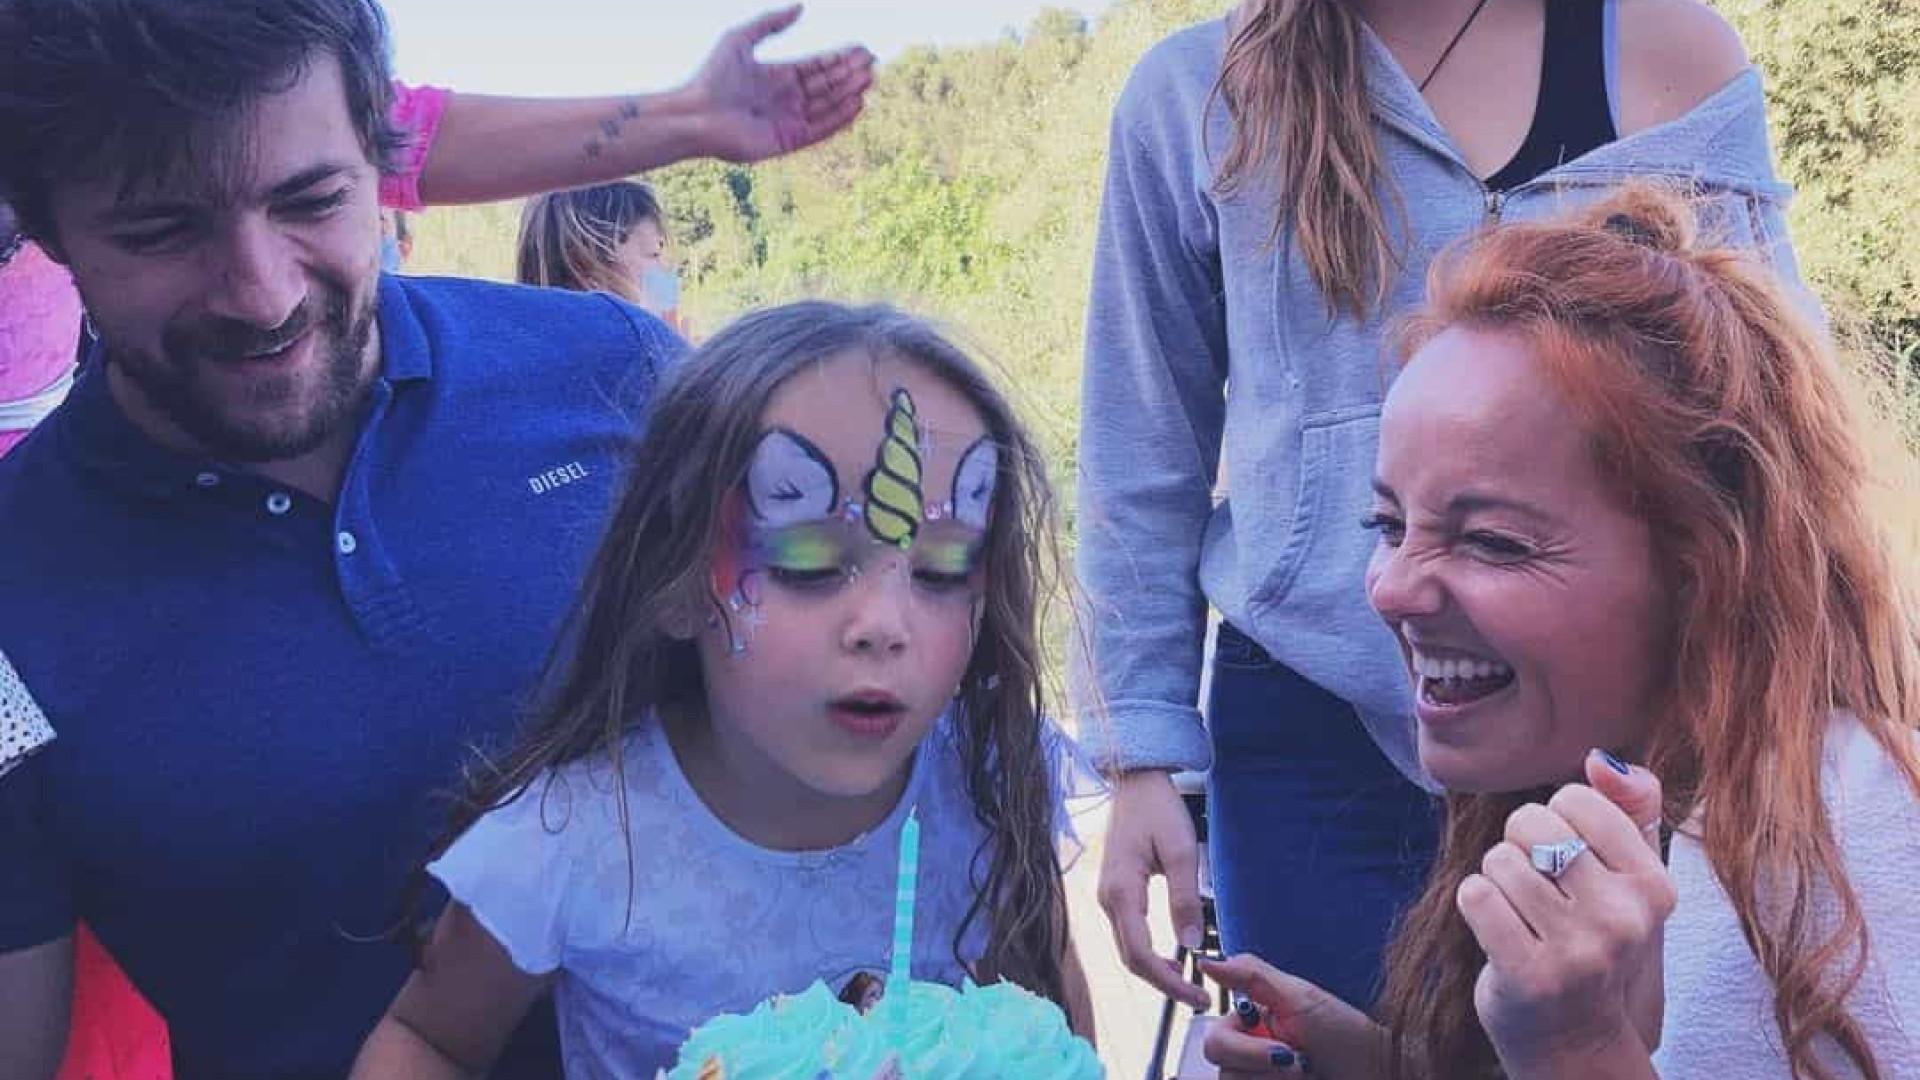 As imagens da festa de aniversário da filha de Bárbara Norton de Matos